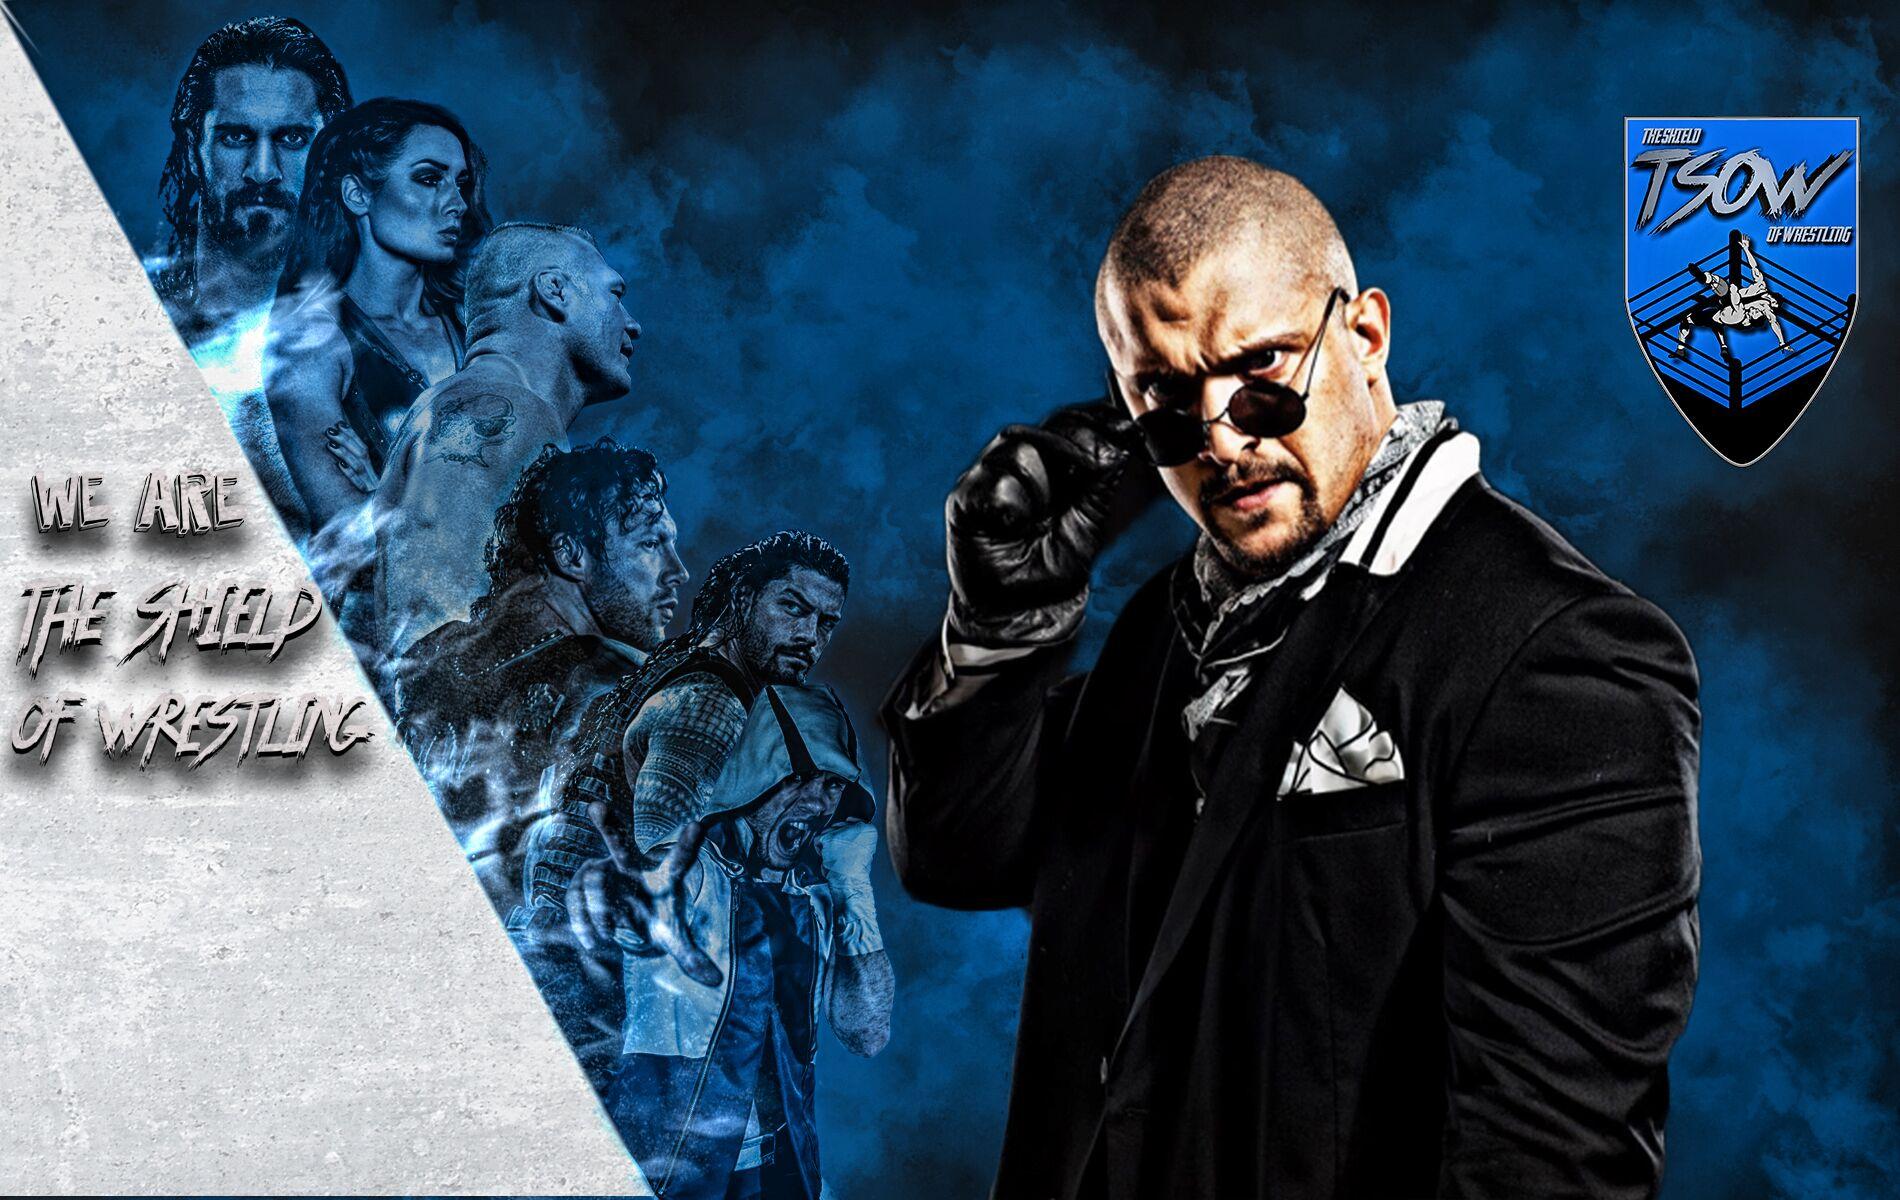 Killer Kross contro IMPACT Wrestling: scontro totale! - Killer Kross